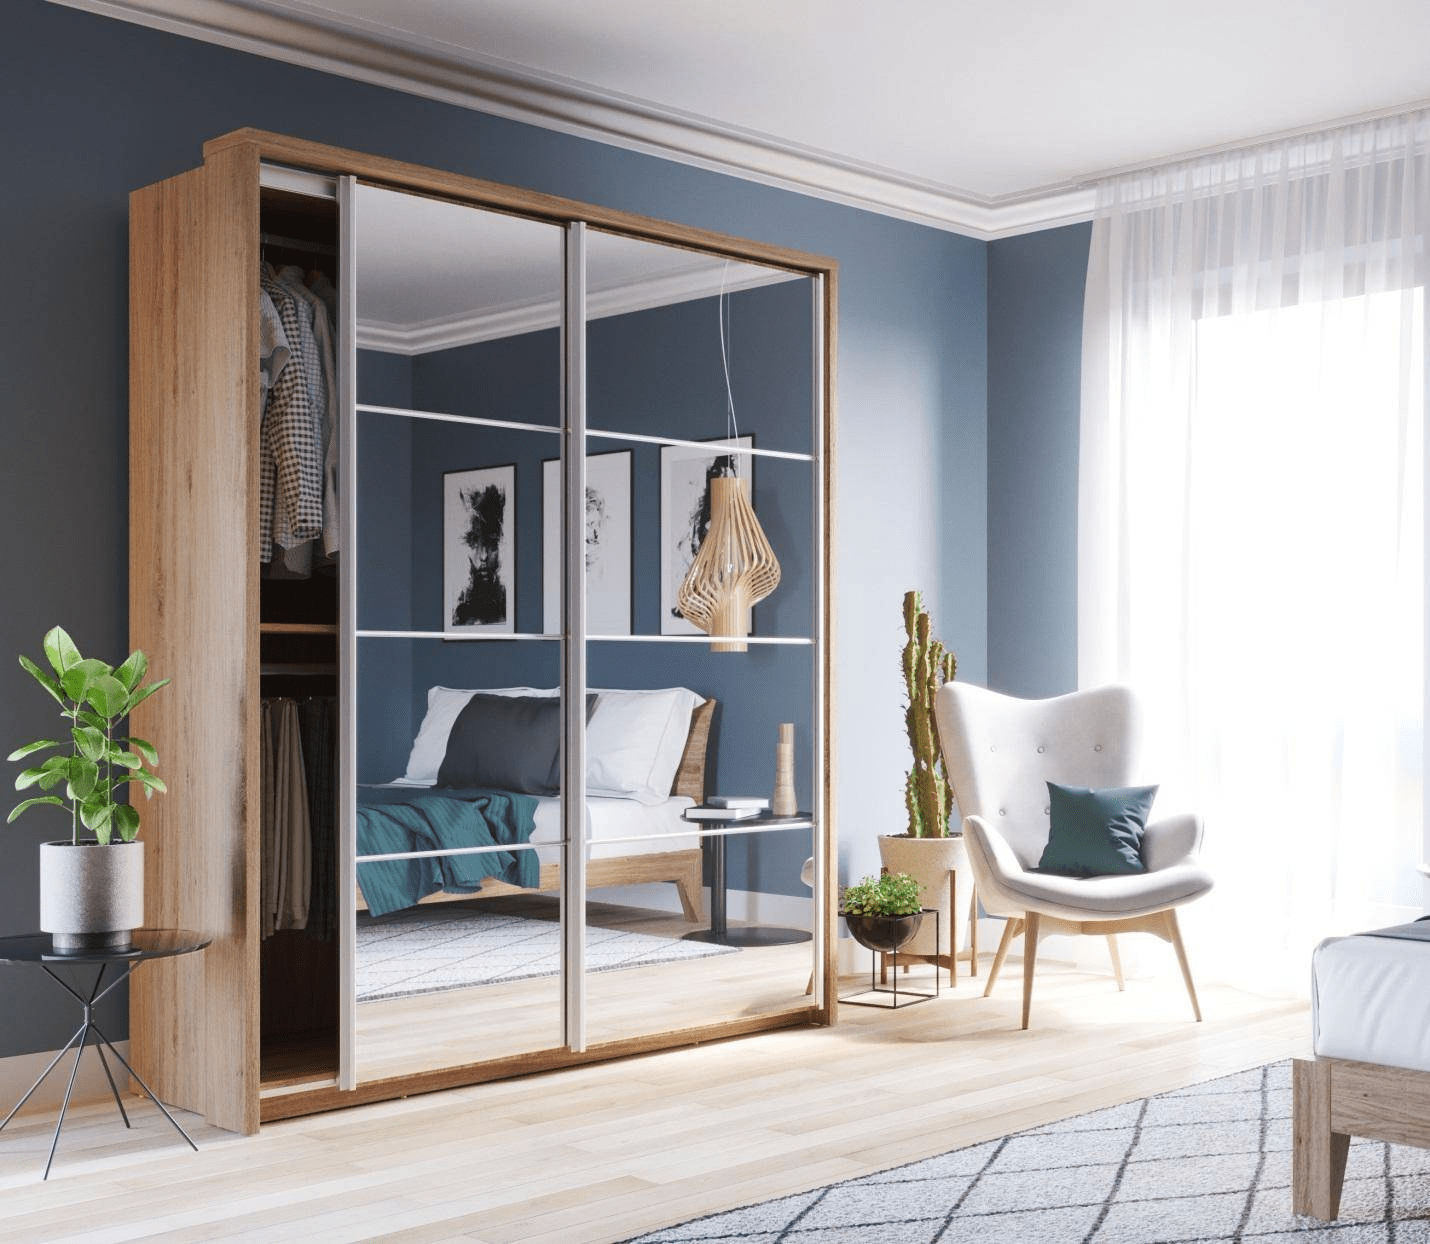 Cách Đặt Tủ Quần Áo Có Gương Trong Phòng Ngủ